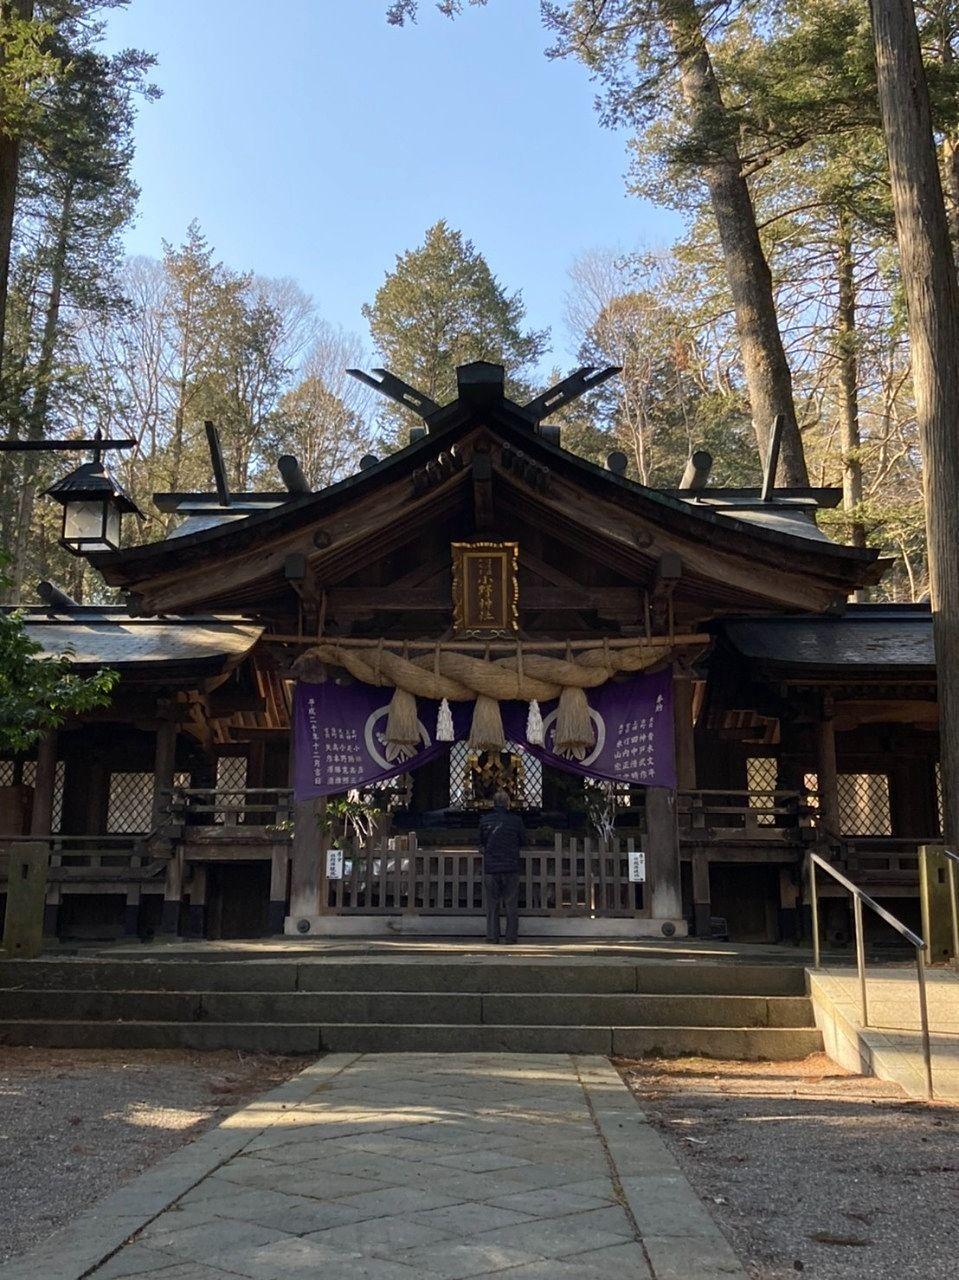 春近し 季節を楽しむなら神社巡りはいかがでしょう✩